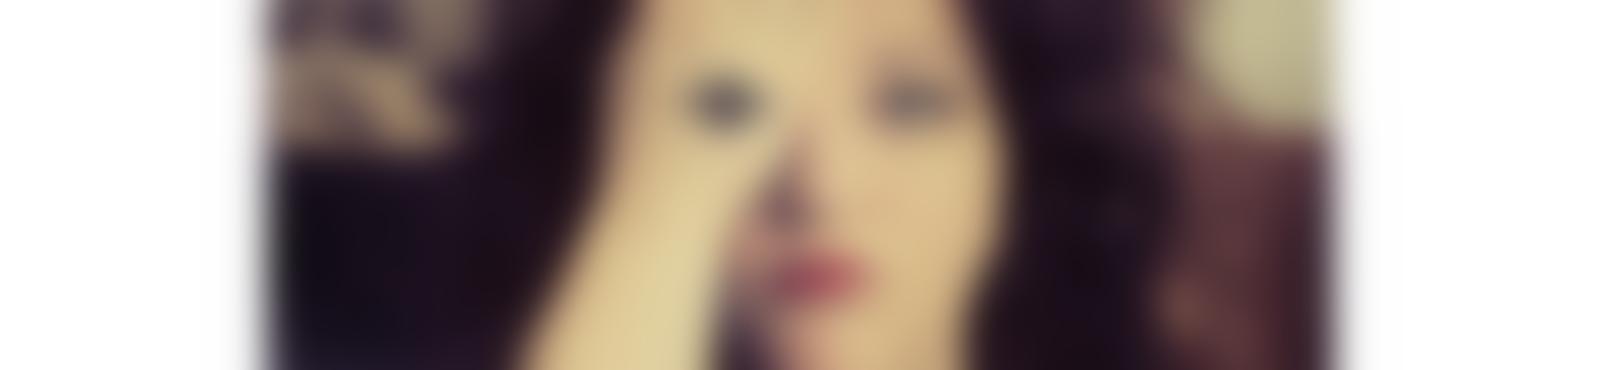 Blurred 5d9dfcd4 e726 4825 b17a 8ad137e17f89